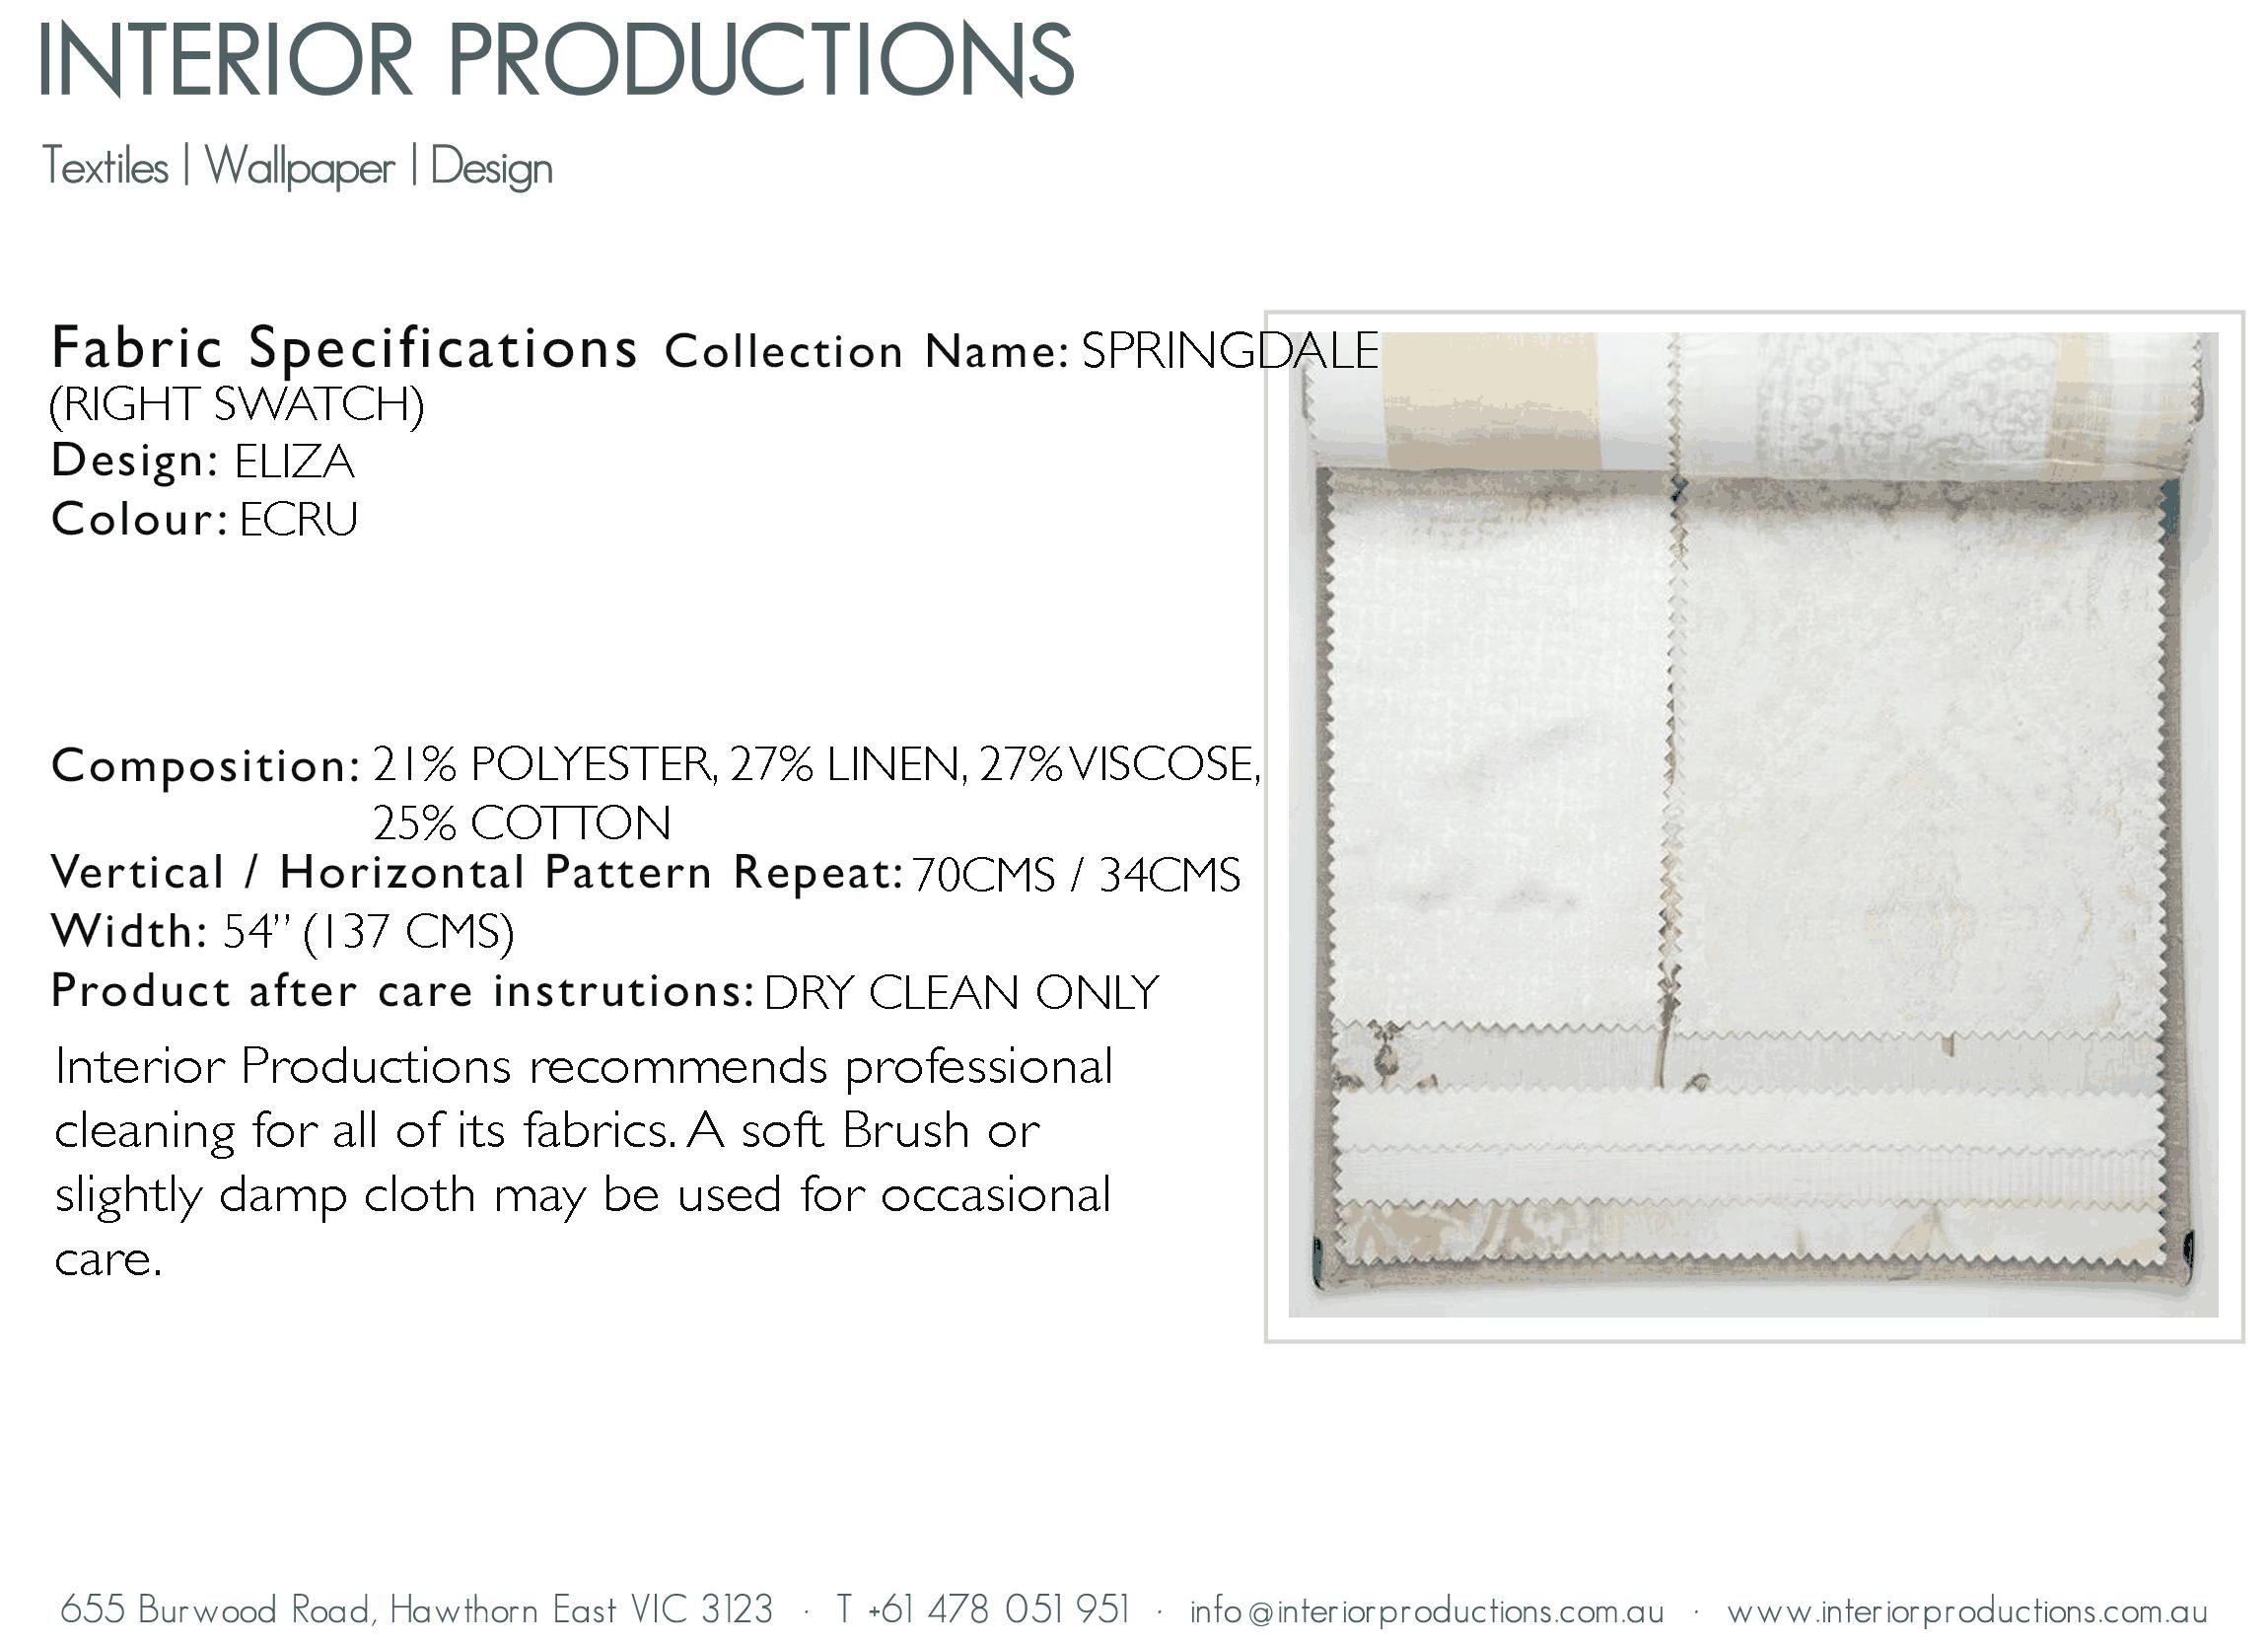 interior_productions_ELIZA---ECRU